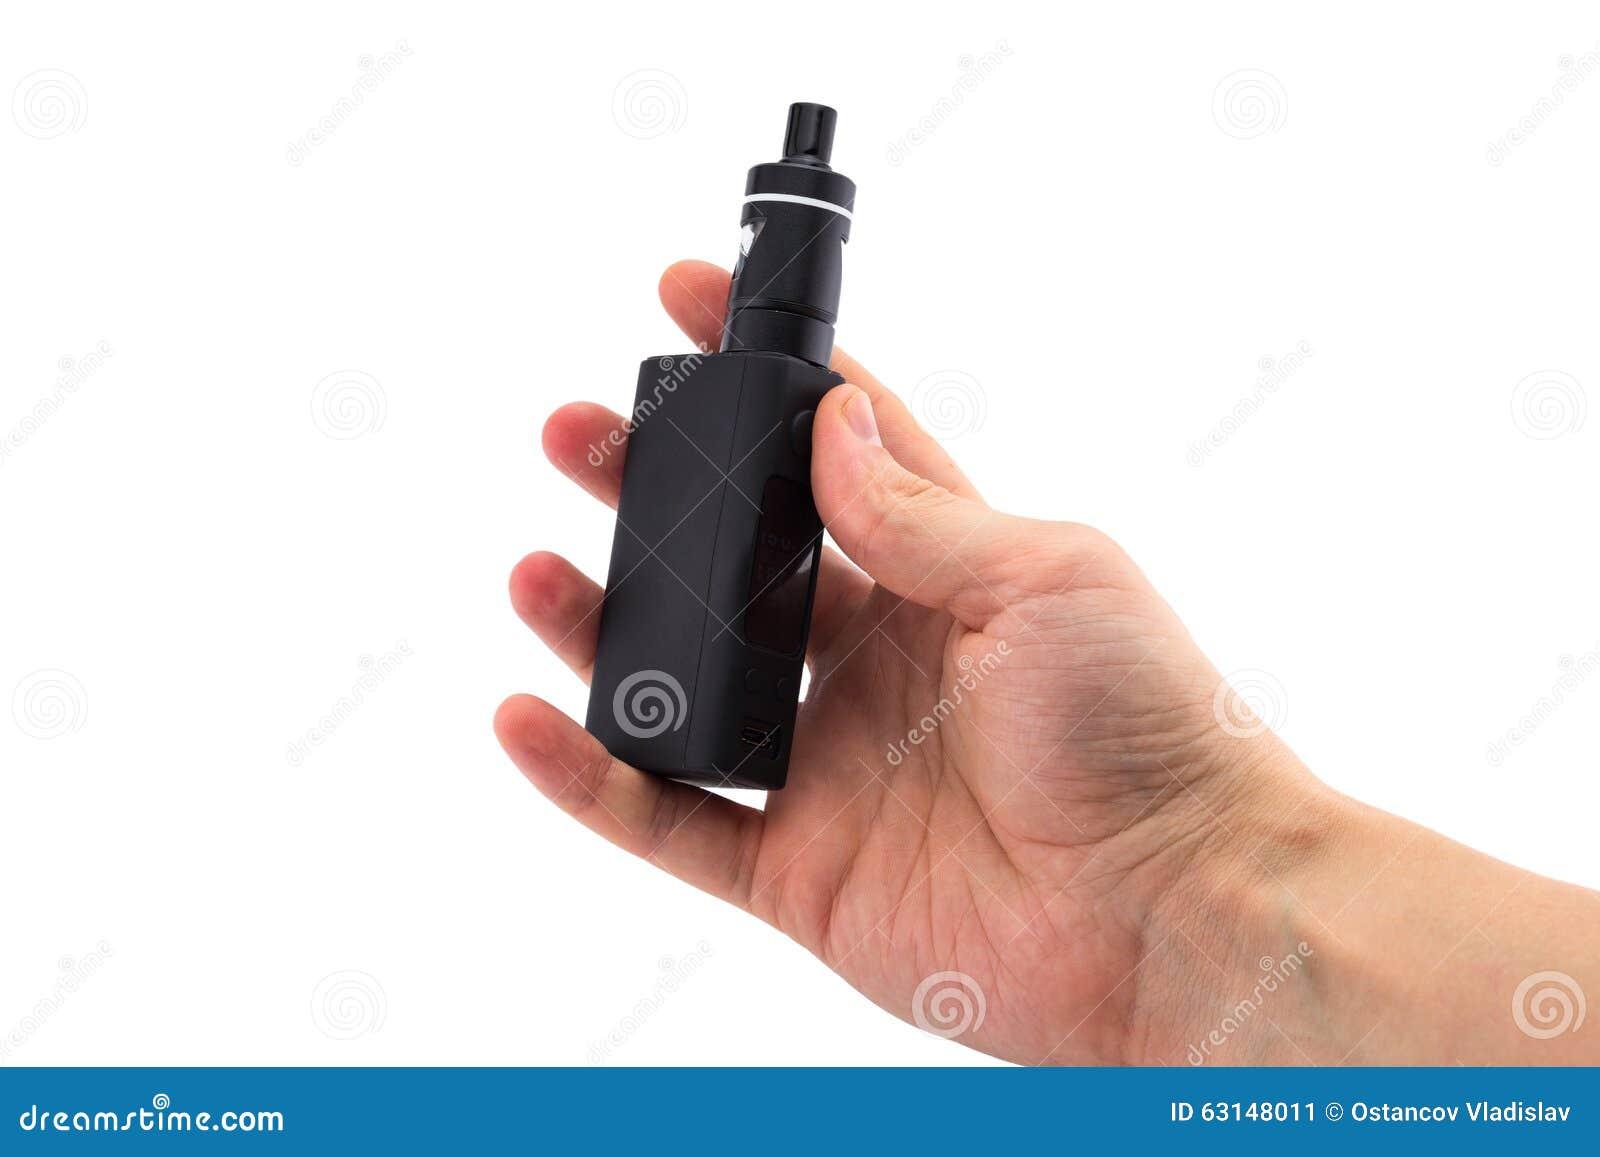 http://thumbs.dreamstime.com/z/cigarette-%C3%A9lectronique-d-isolement-sur-le-fond-blanc-63148011.jpg